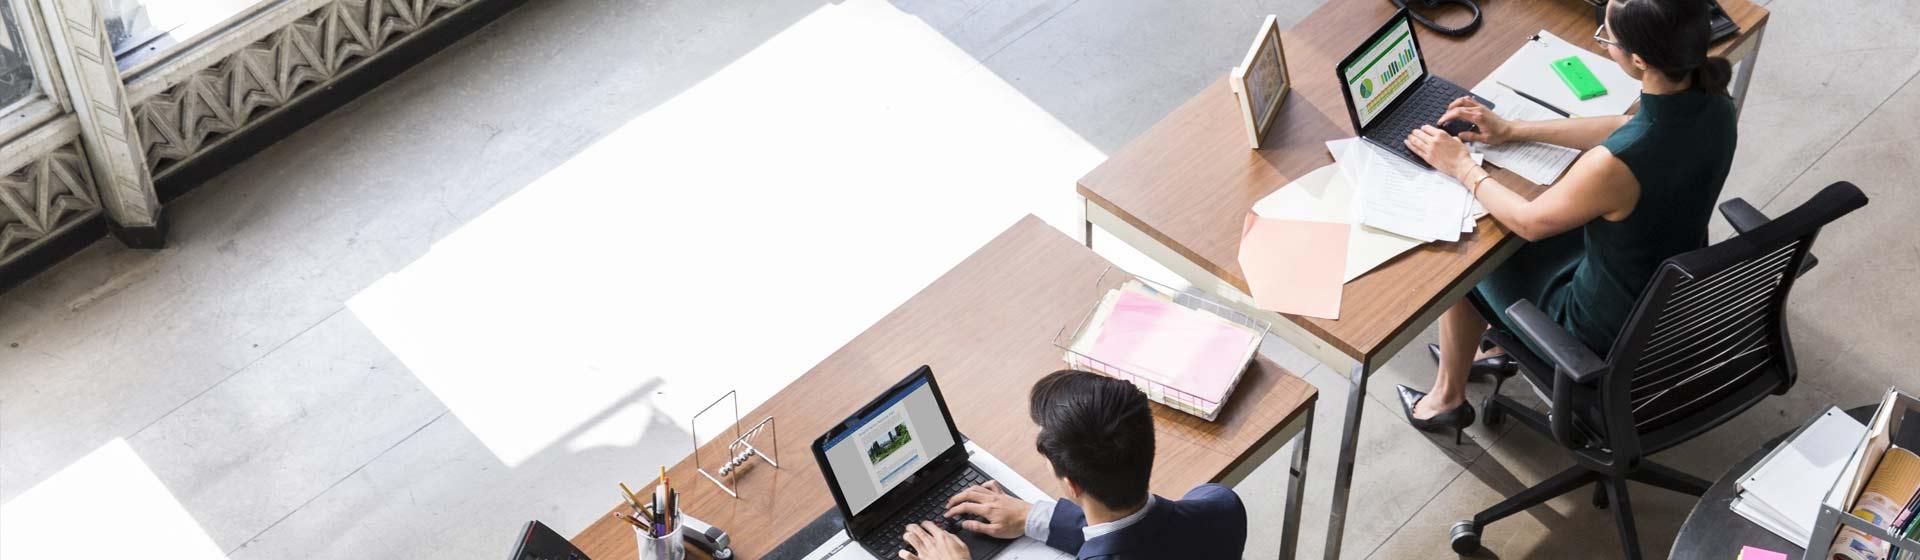 Získajte väčšiu hodnotu – inovujte z balíka Office 2013 na služby Office 365 ešte dnes